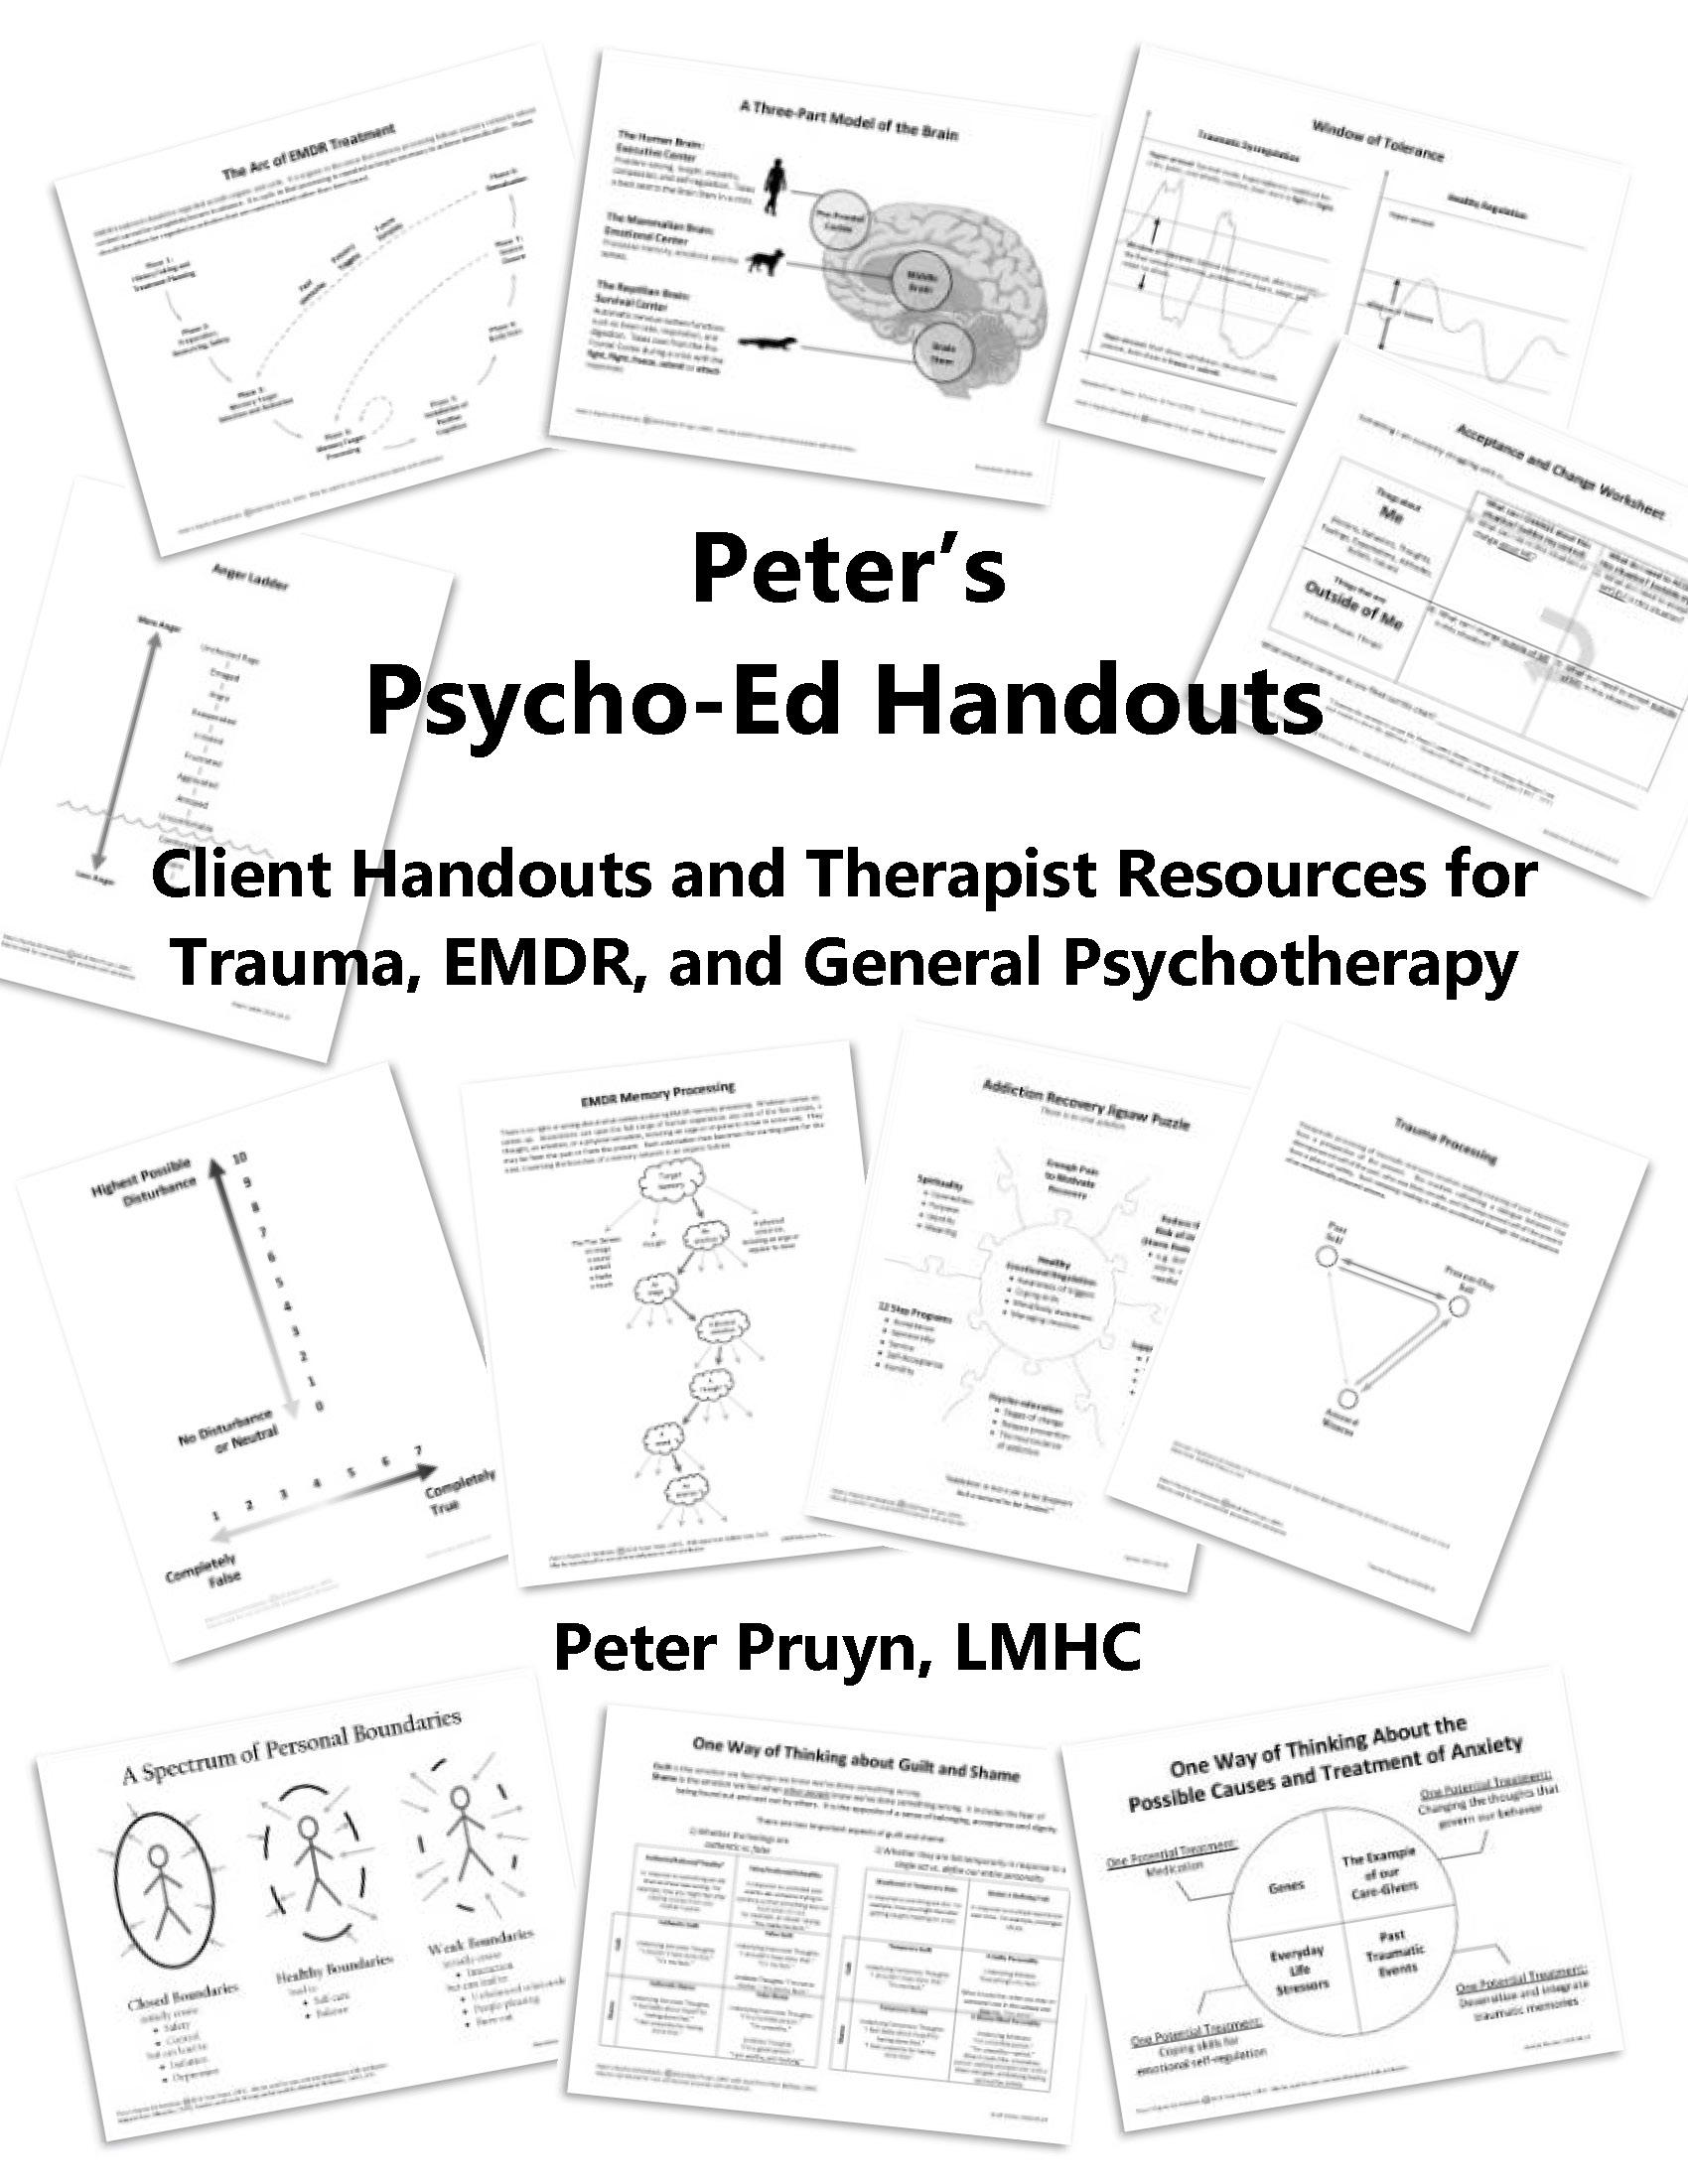 Peter's Psycho-Ed Handouts